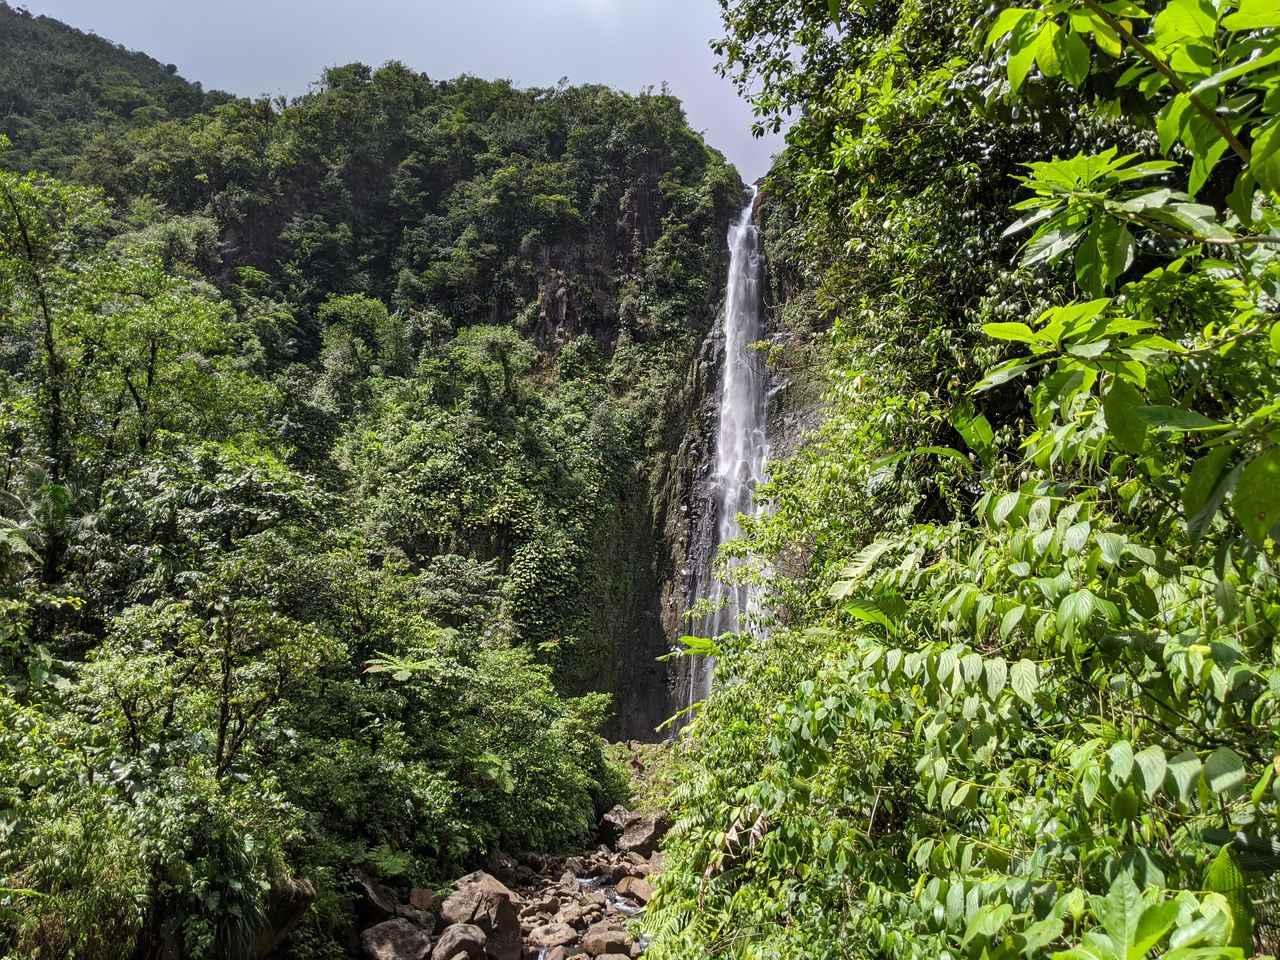 画像: グアドループ国立公園内の滝/齋藤撮影